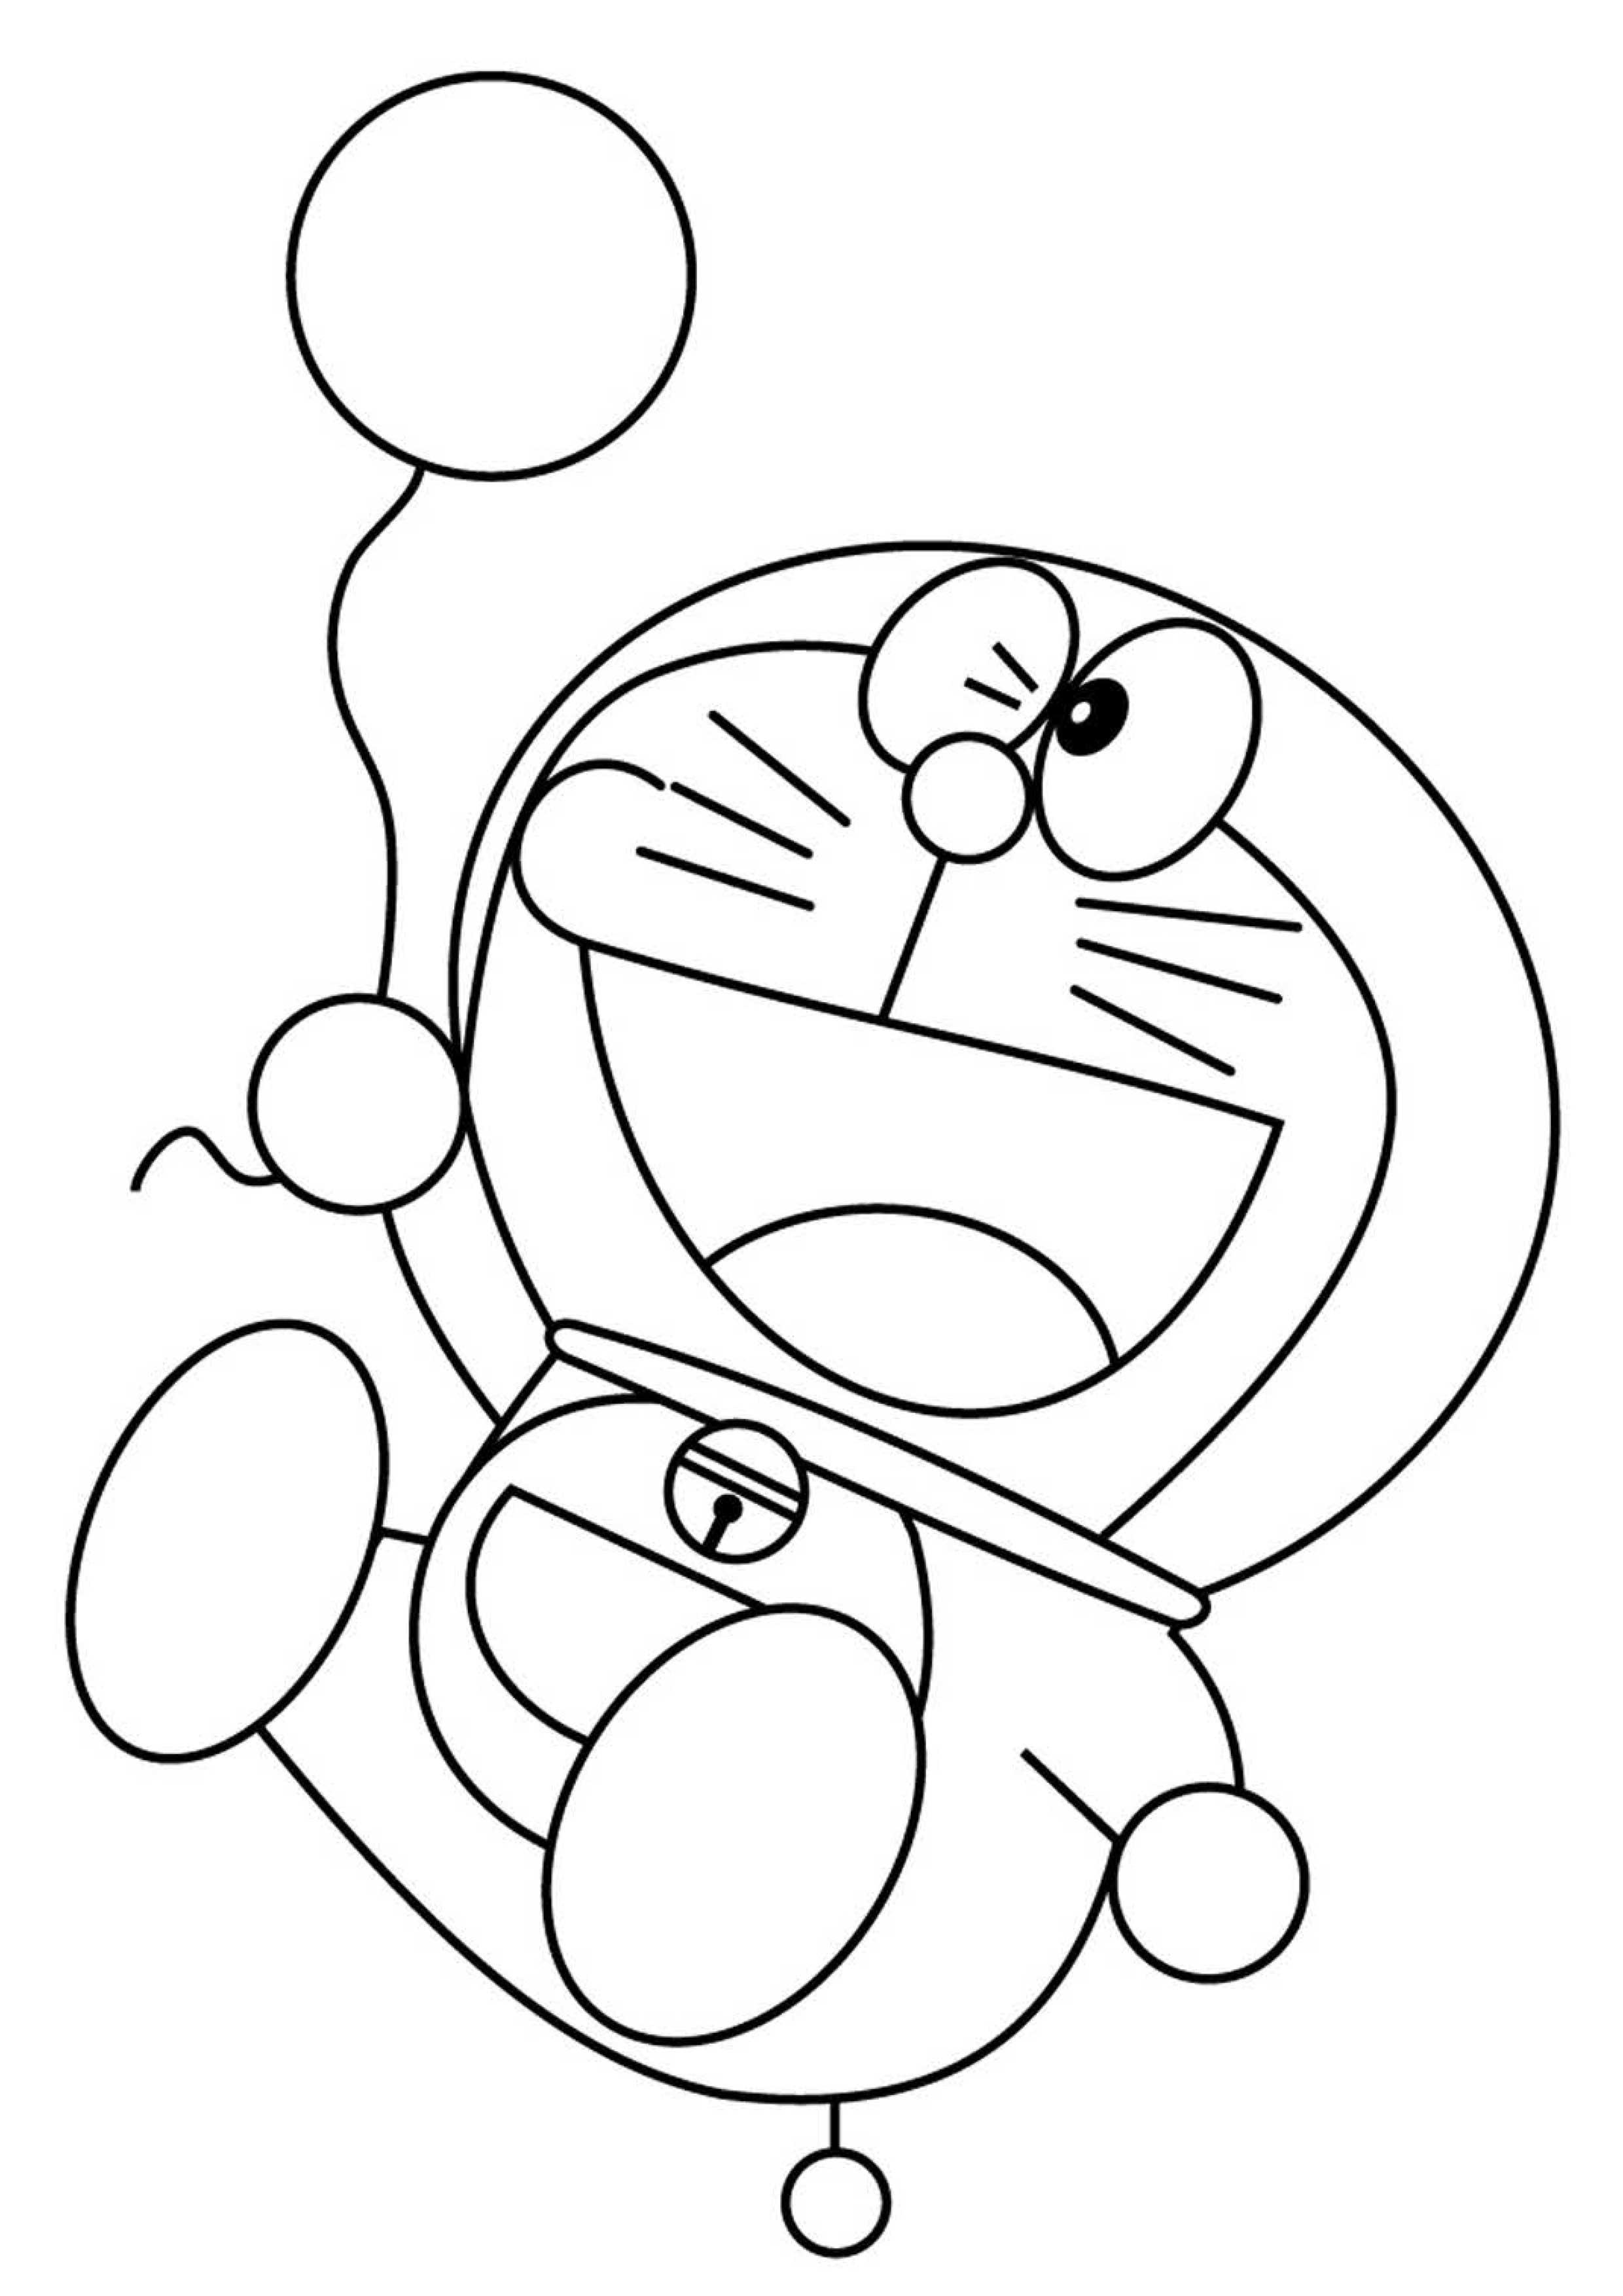 28 disegni di doraemon da colorare for Pesciolini da colorare per bambini